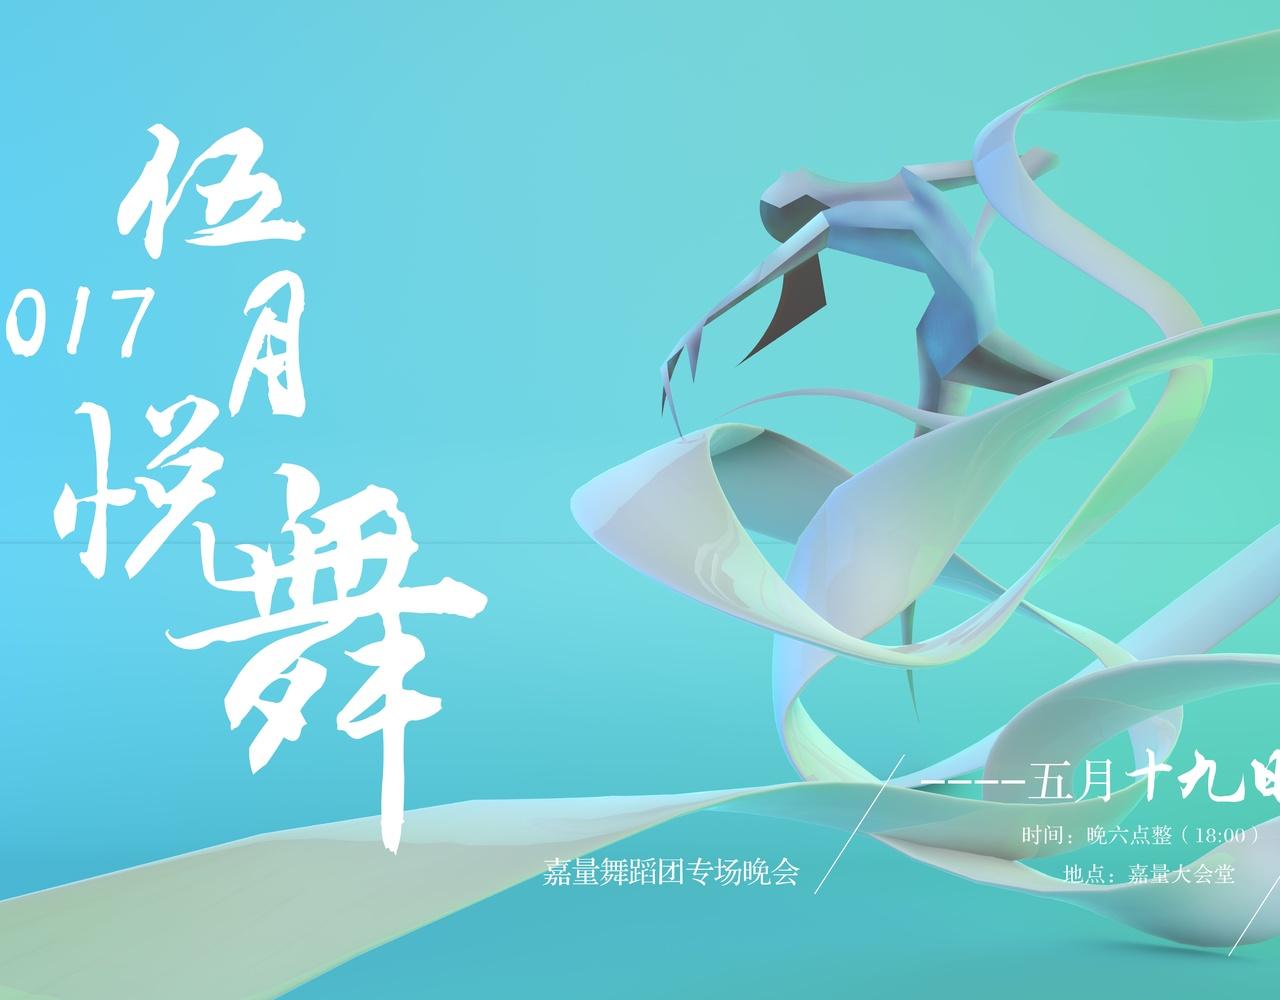 【嘉量舞团】中国计量大学嘉量舞蹈团2017 5.19 伍月·悦舞 宣传片